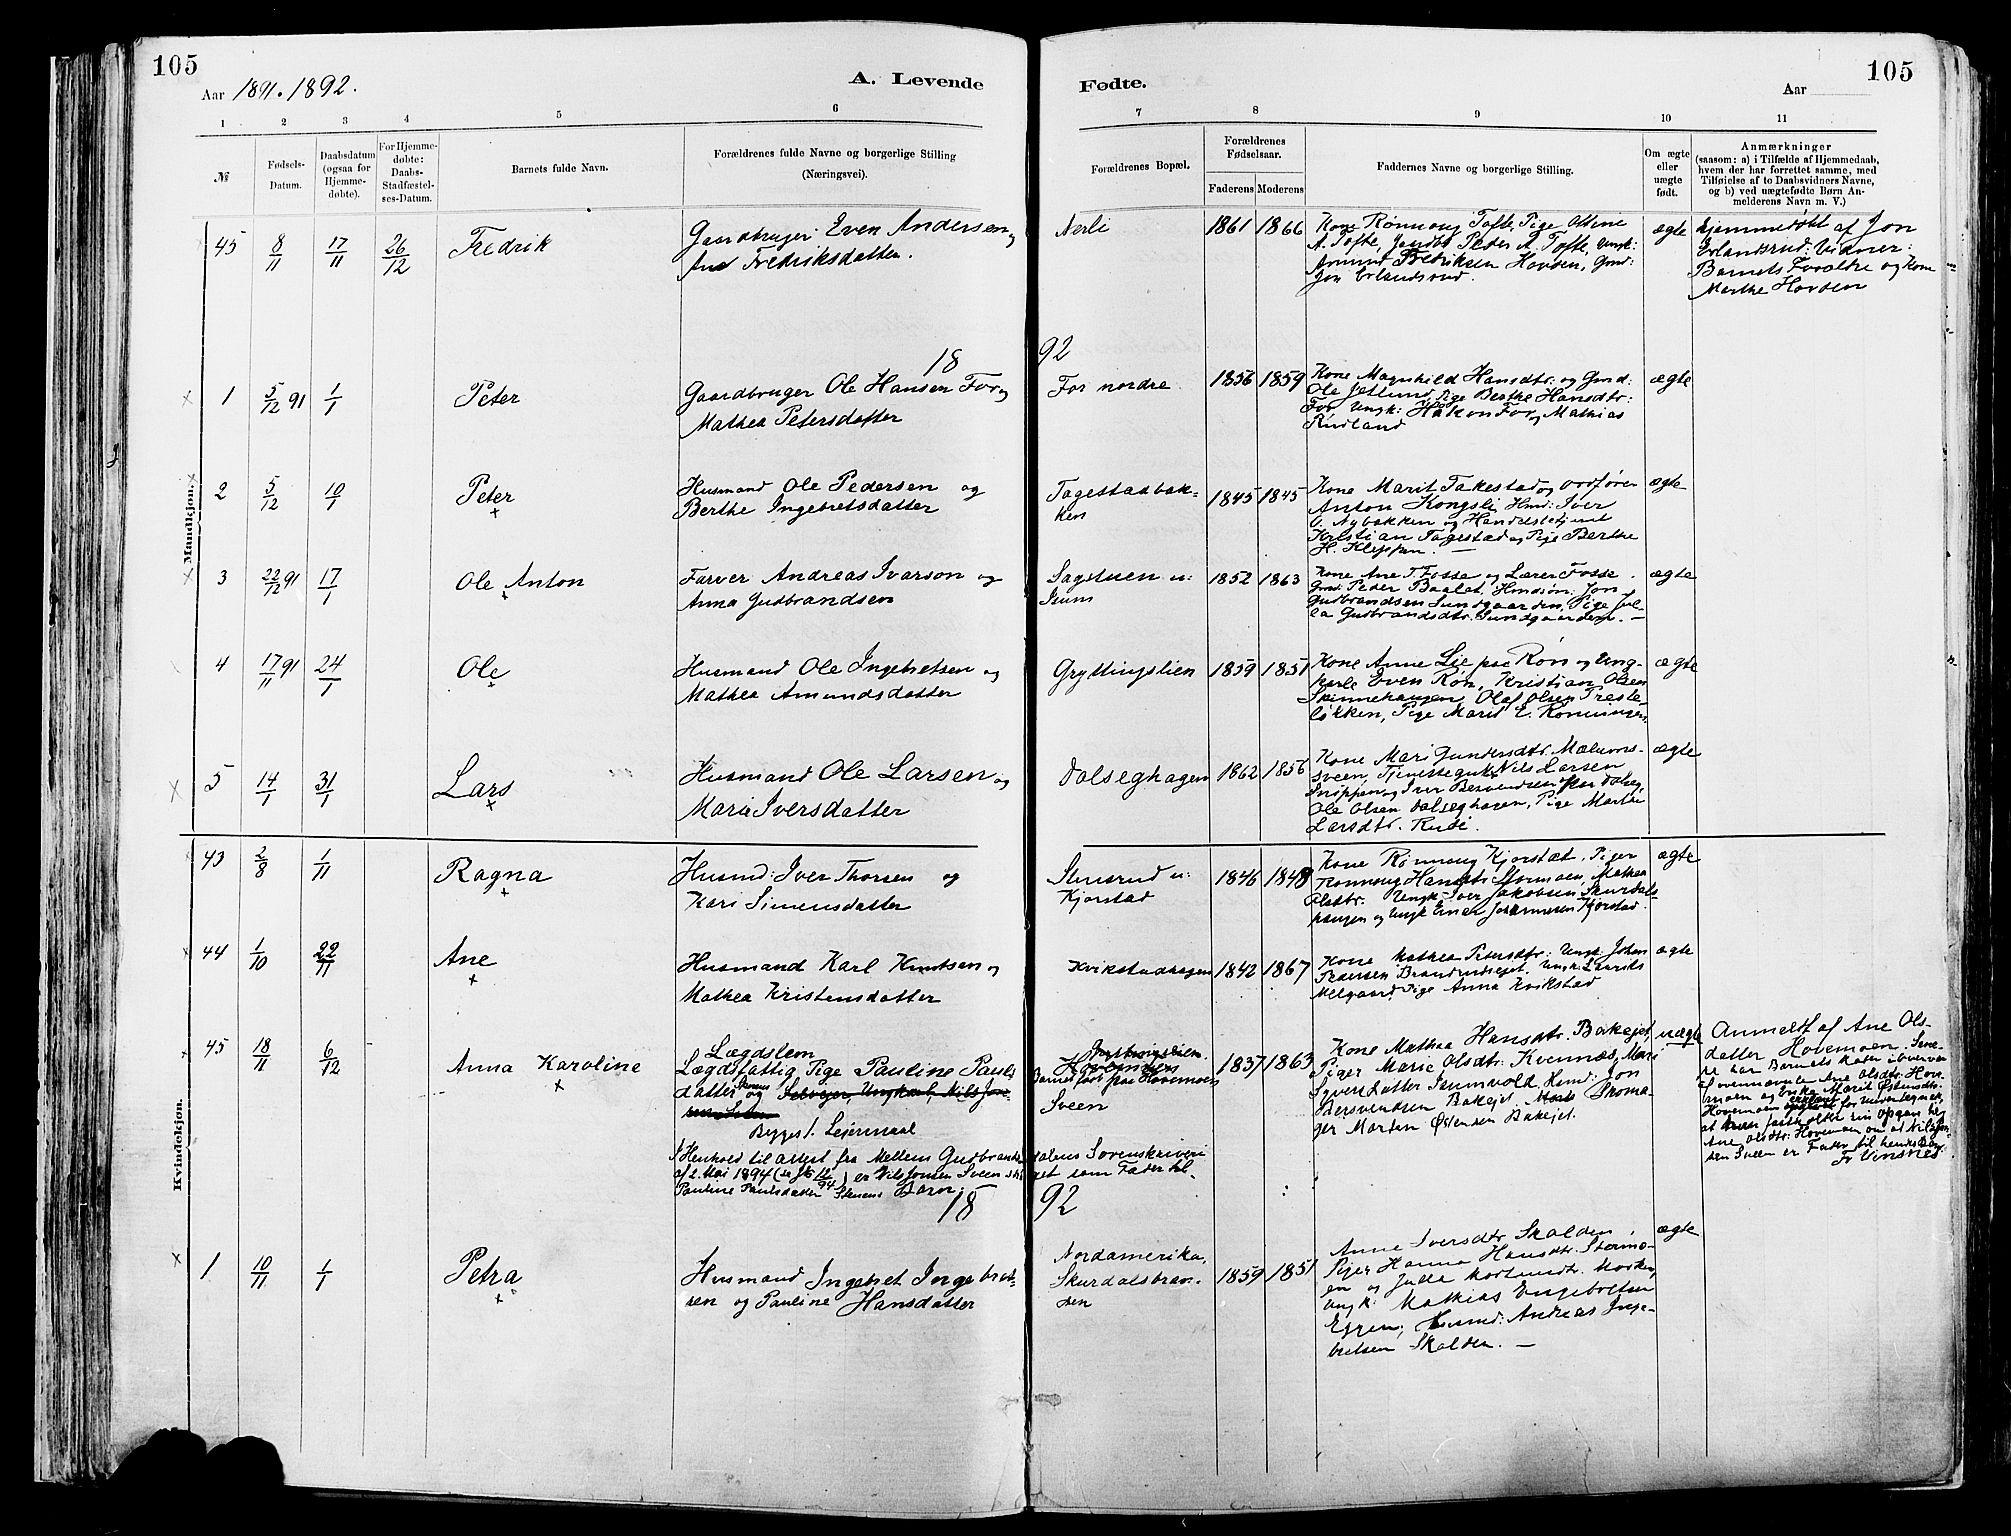 SAH, Sør-Fron prestekontor, H/Ha/Haa/L0003: Ministerialbok nr. 3, 1881-1897, s. 105